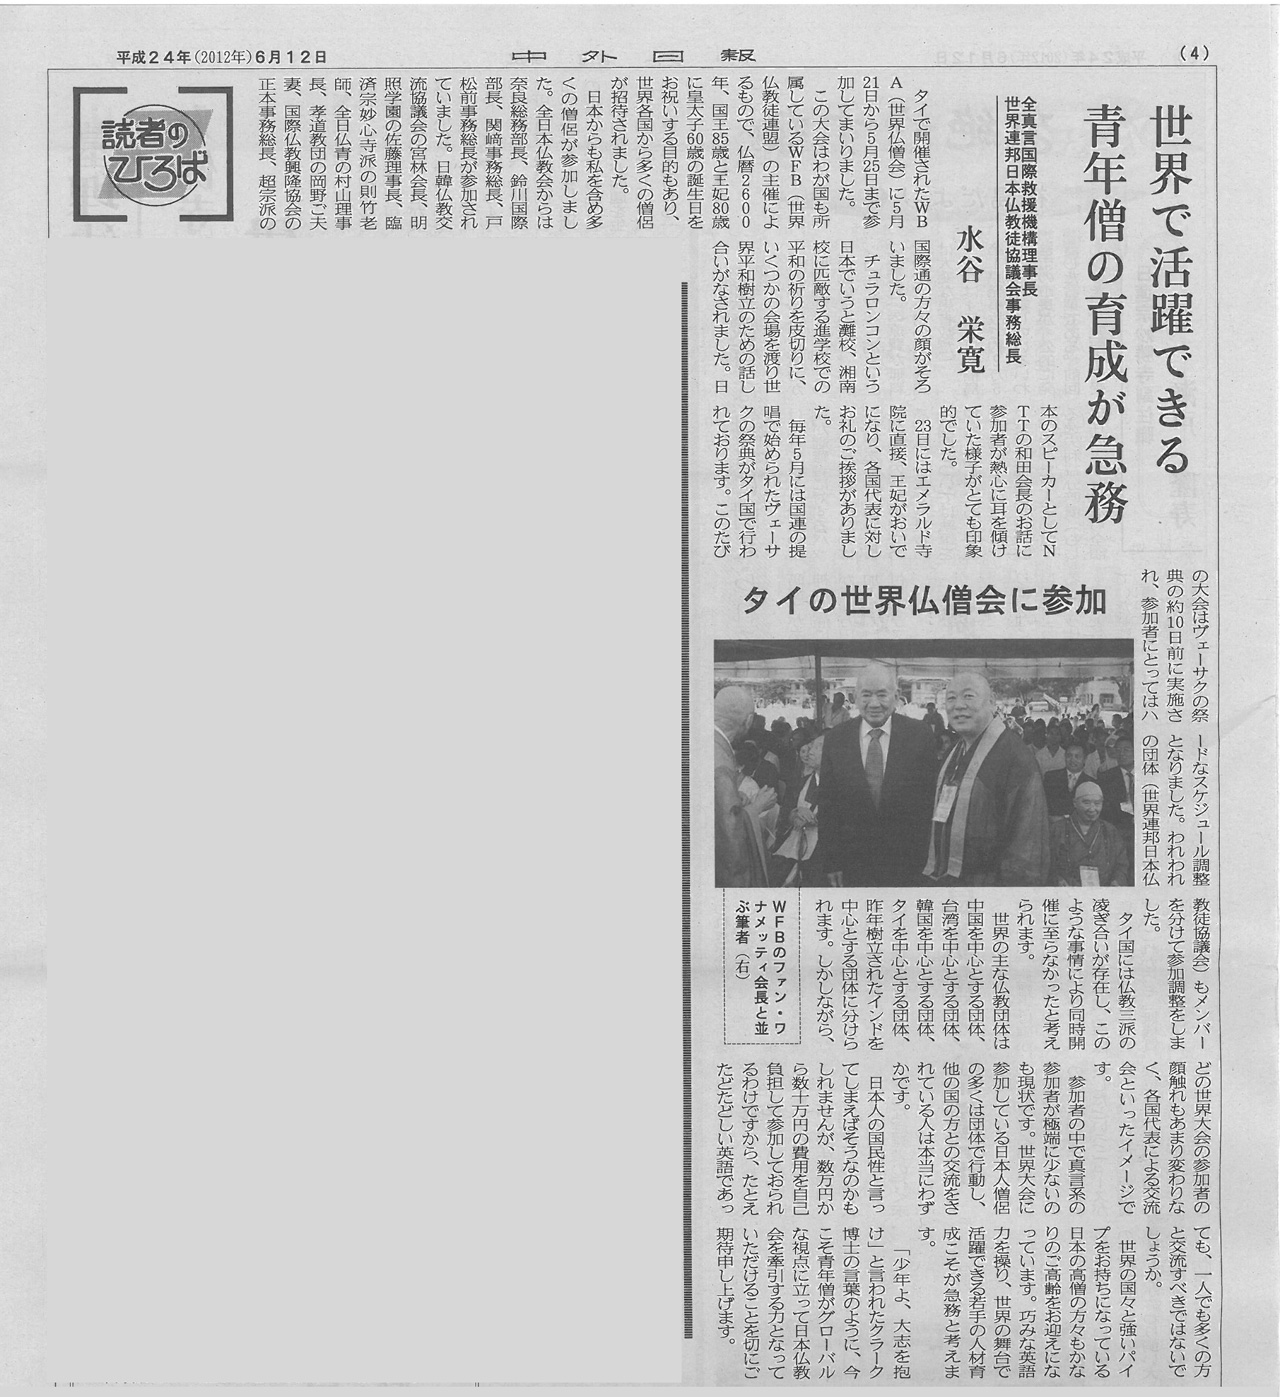 http://www.serenbutu.jp/news/20120612-chugai.jpg